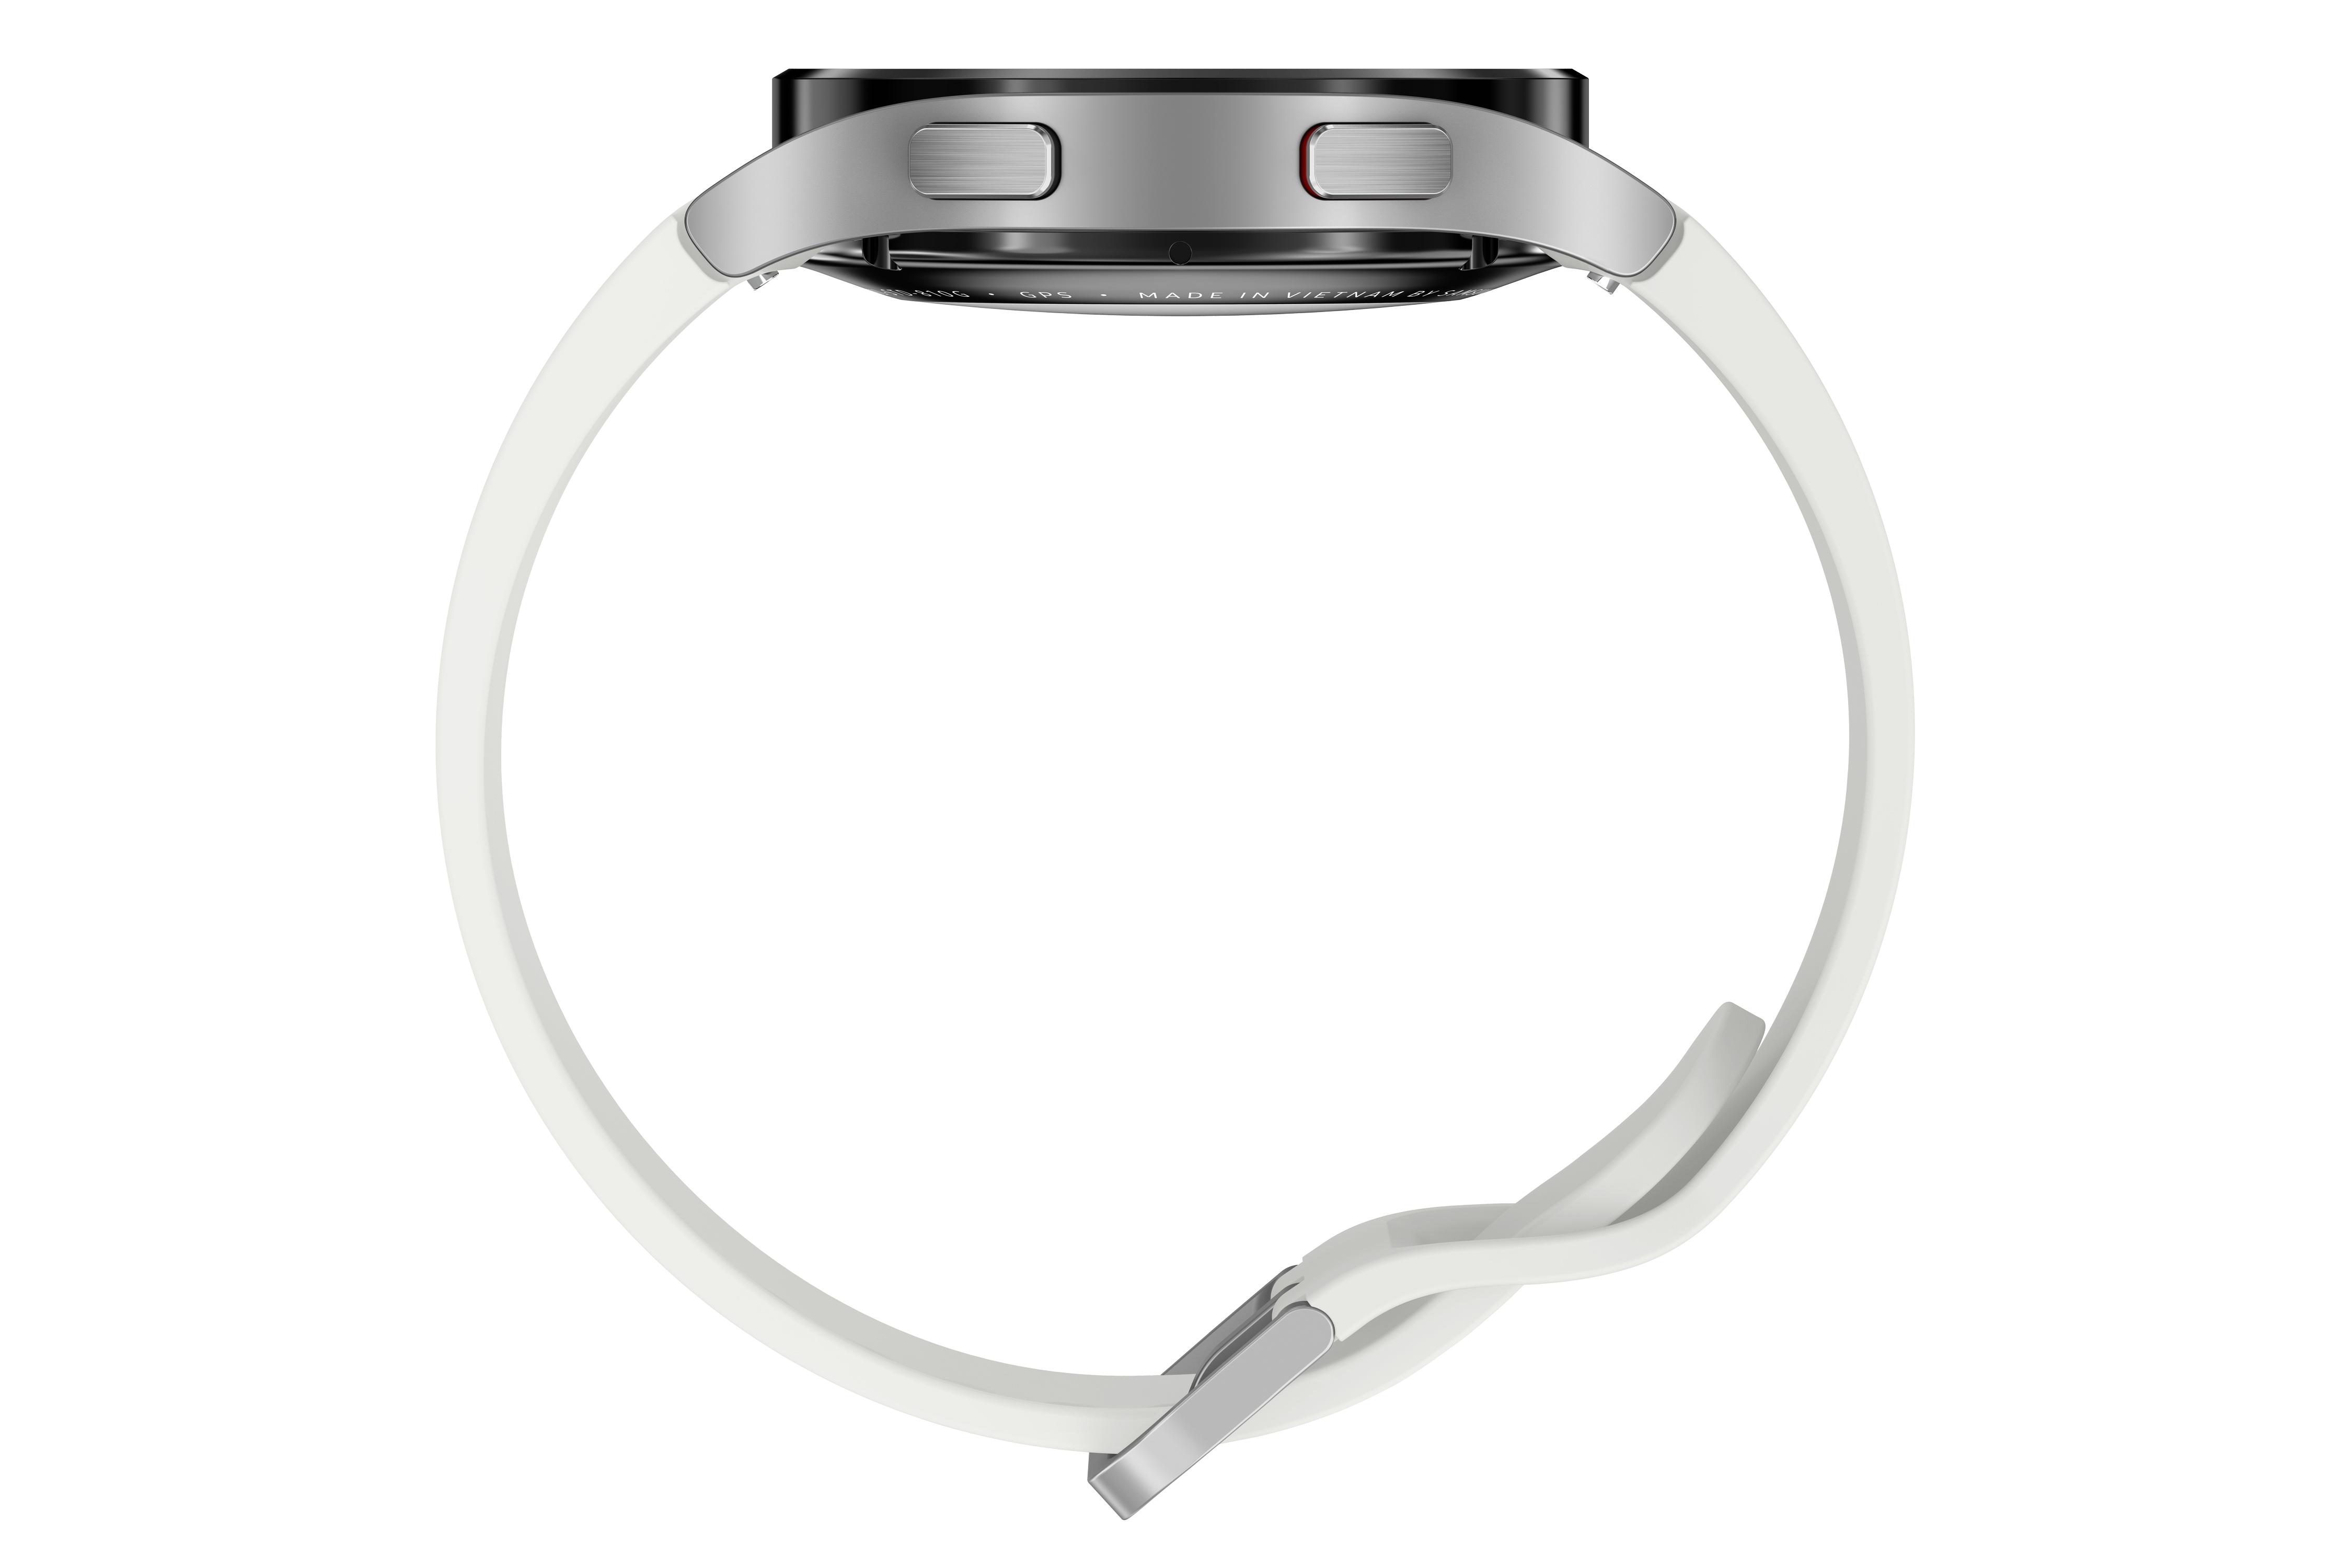 Đồng hồ thông minh Samsung Galaxy Watch4 - Hàng Chính Hãng